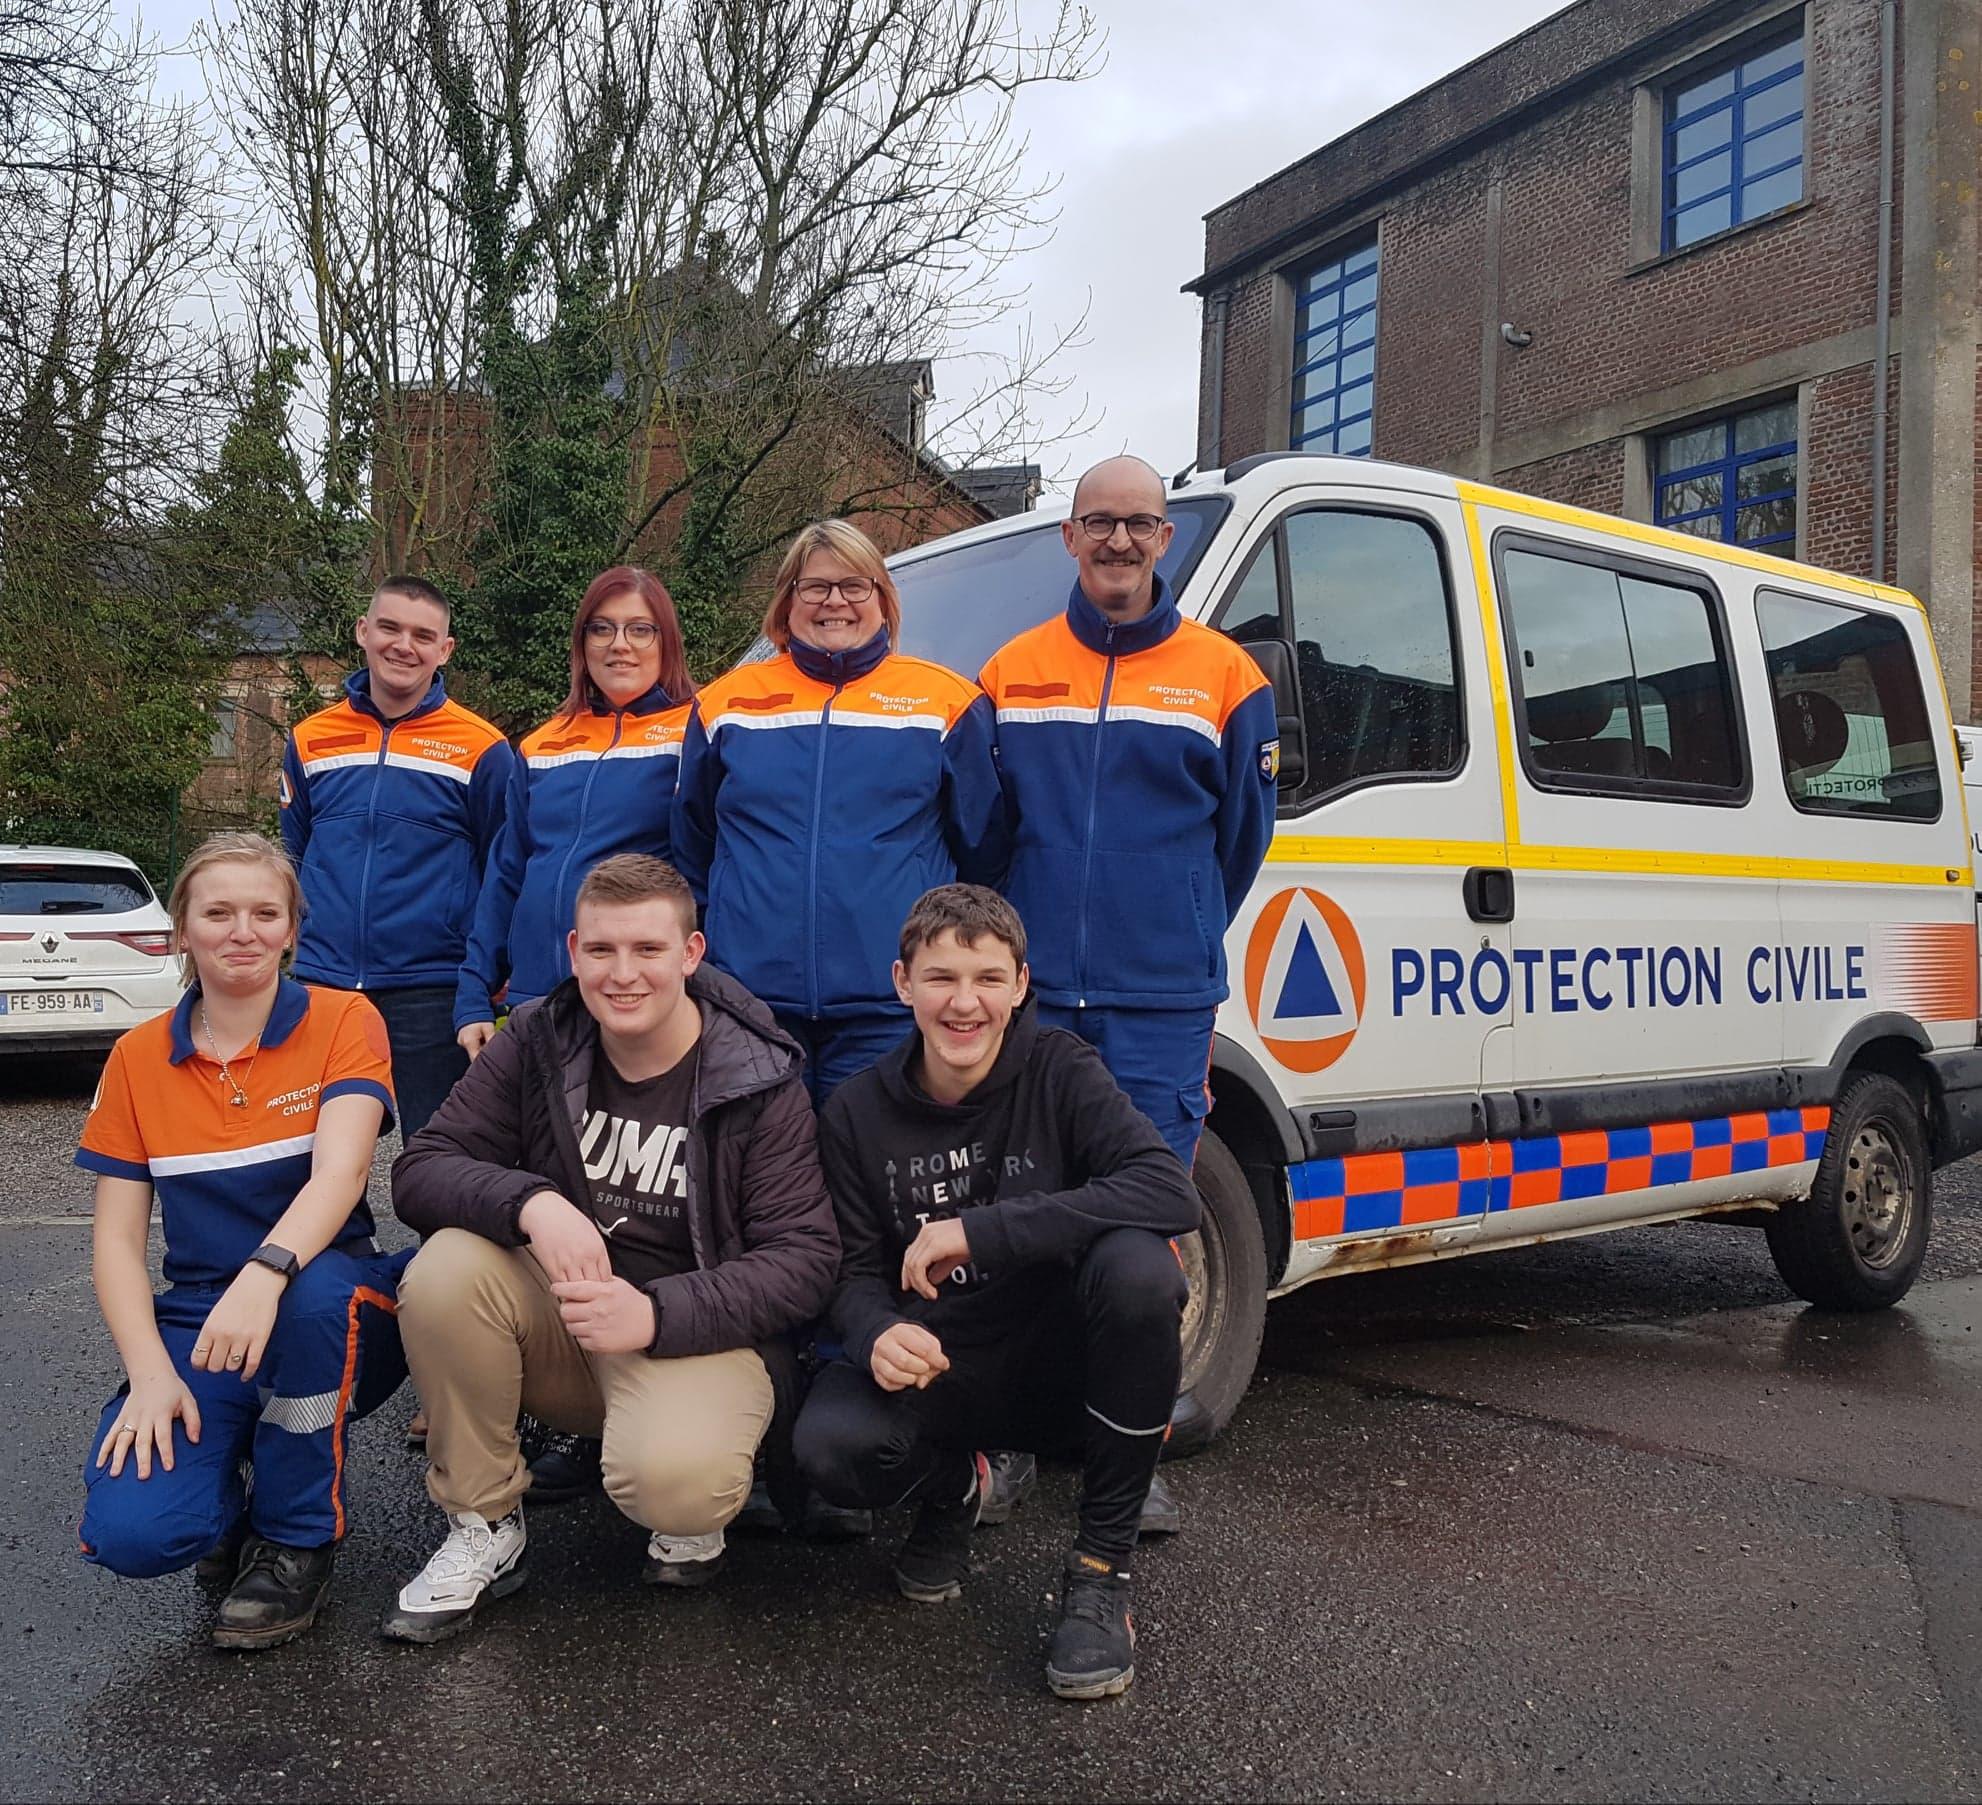 La Protection Civile s'installe à Saint-Pol et recrute des volontaires pour sauver des vies